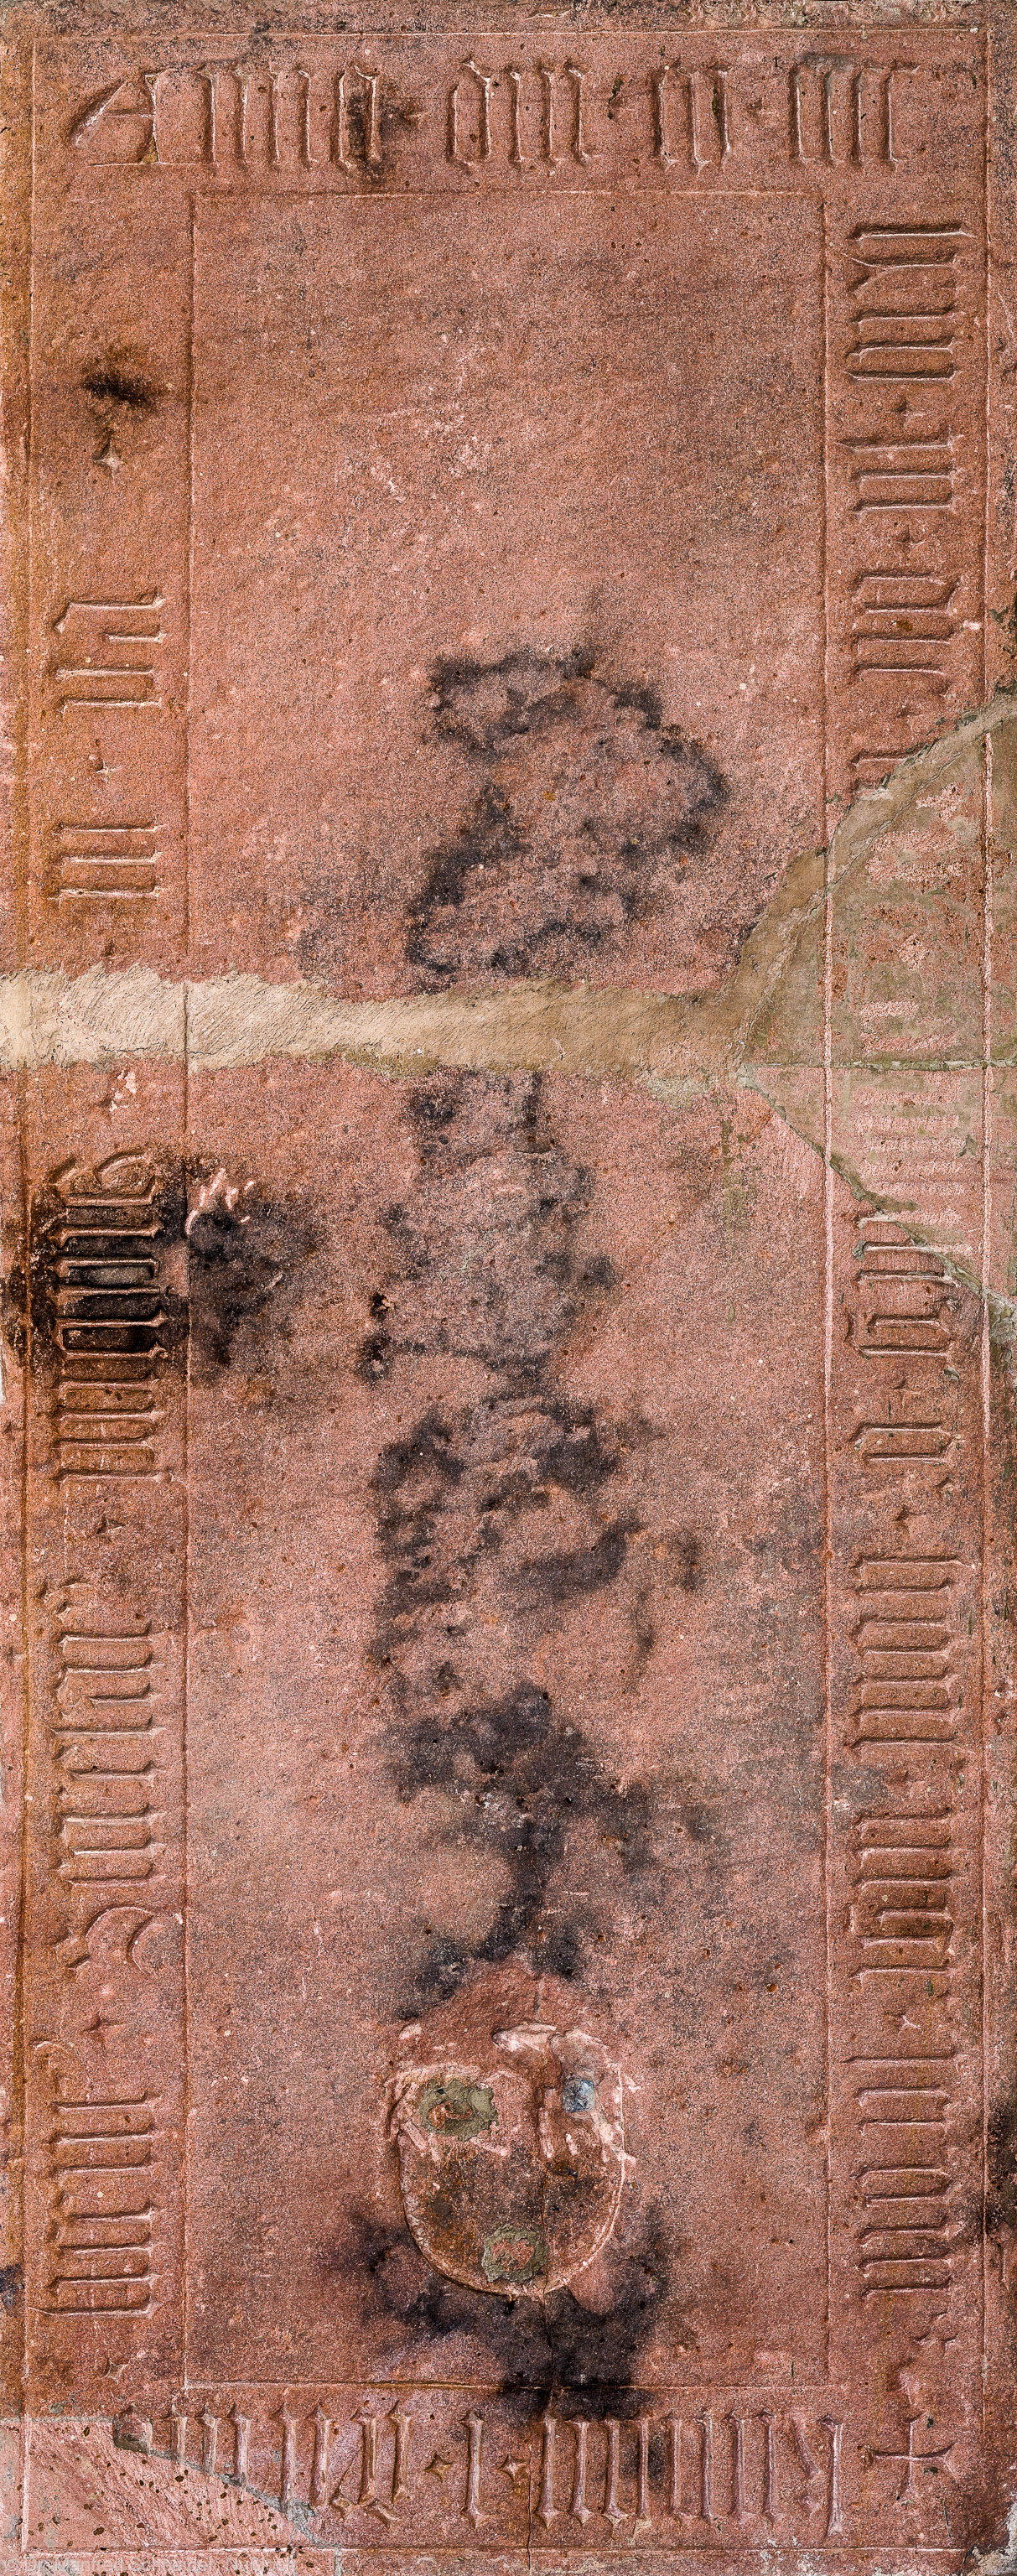 Heidelberg - Heiliggeistkirche - Südschiff - 9. Epitaph, von Westen aus gezählt, an Wand des südlichen Seitenschiffs (aufgenommen im Februar 2014, um die Mittagszeit)